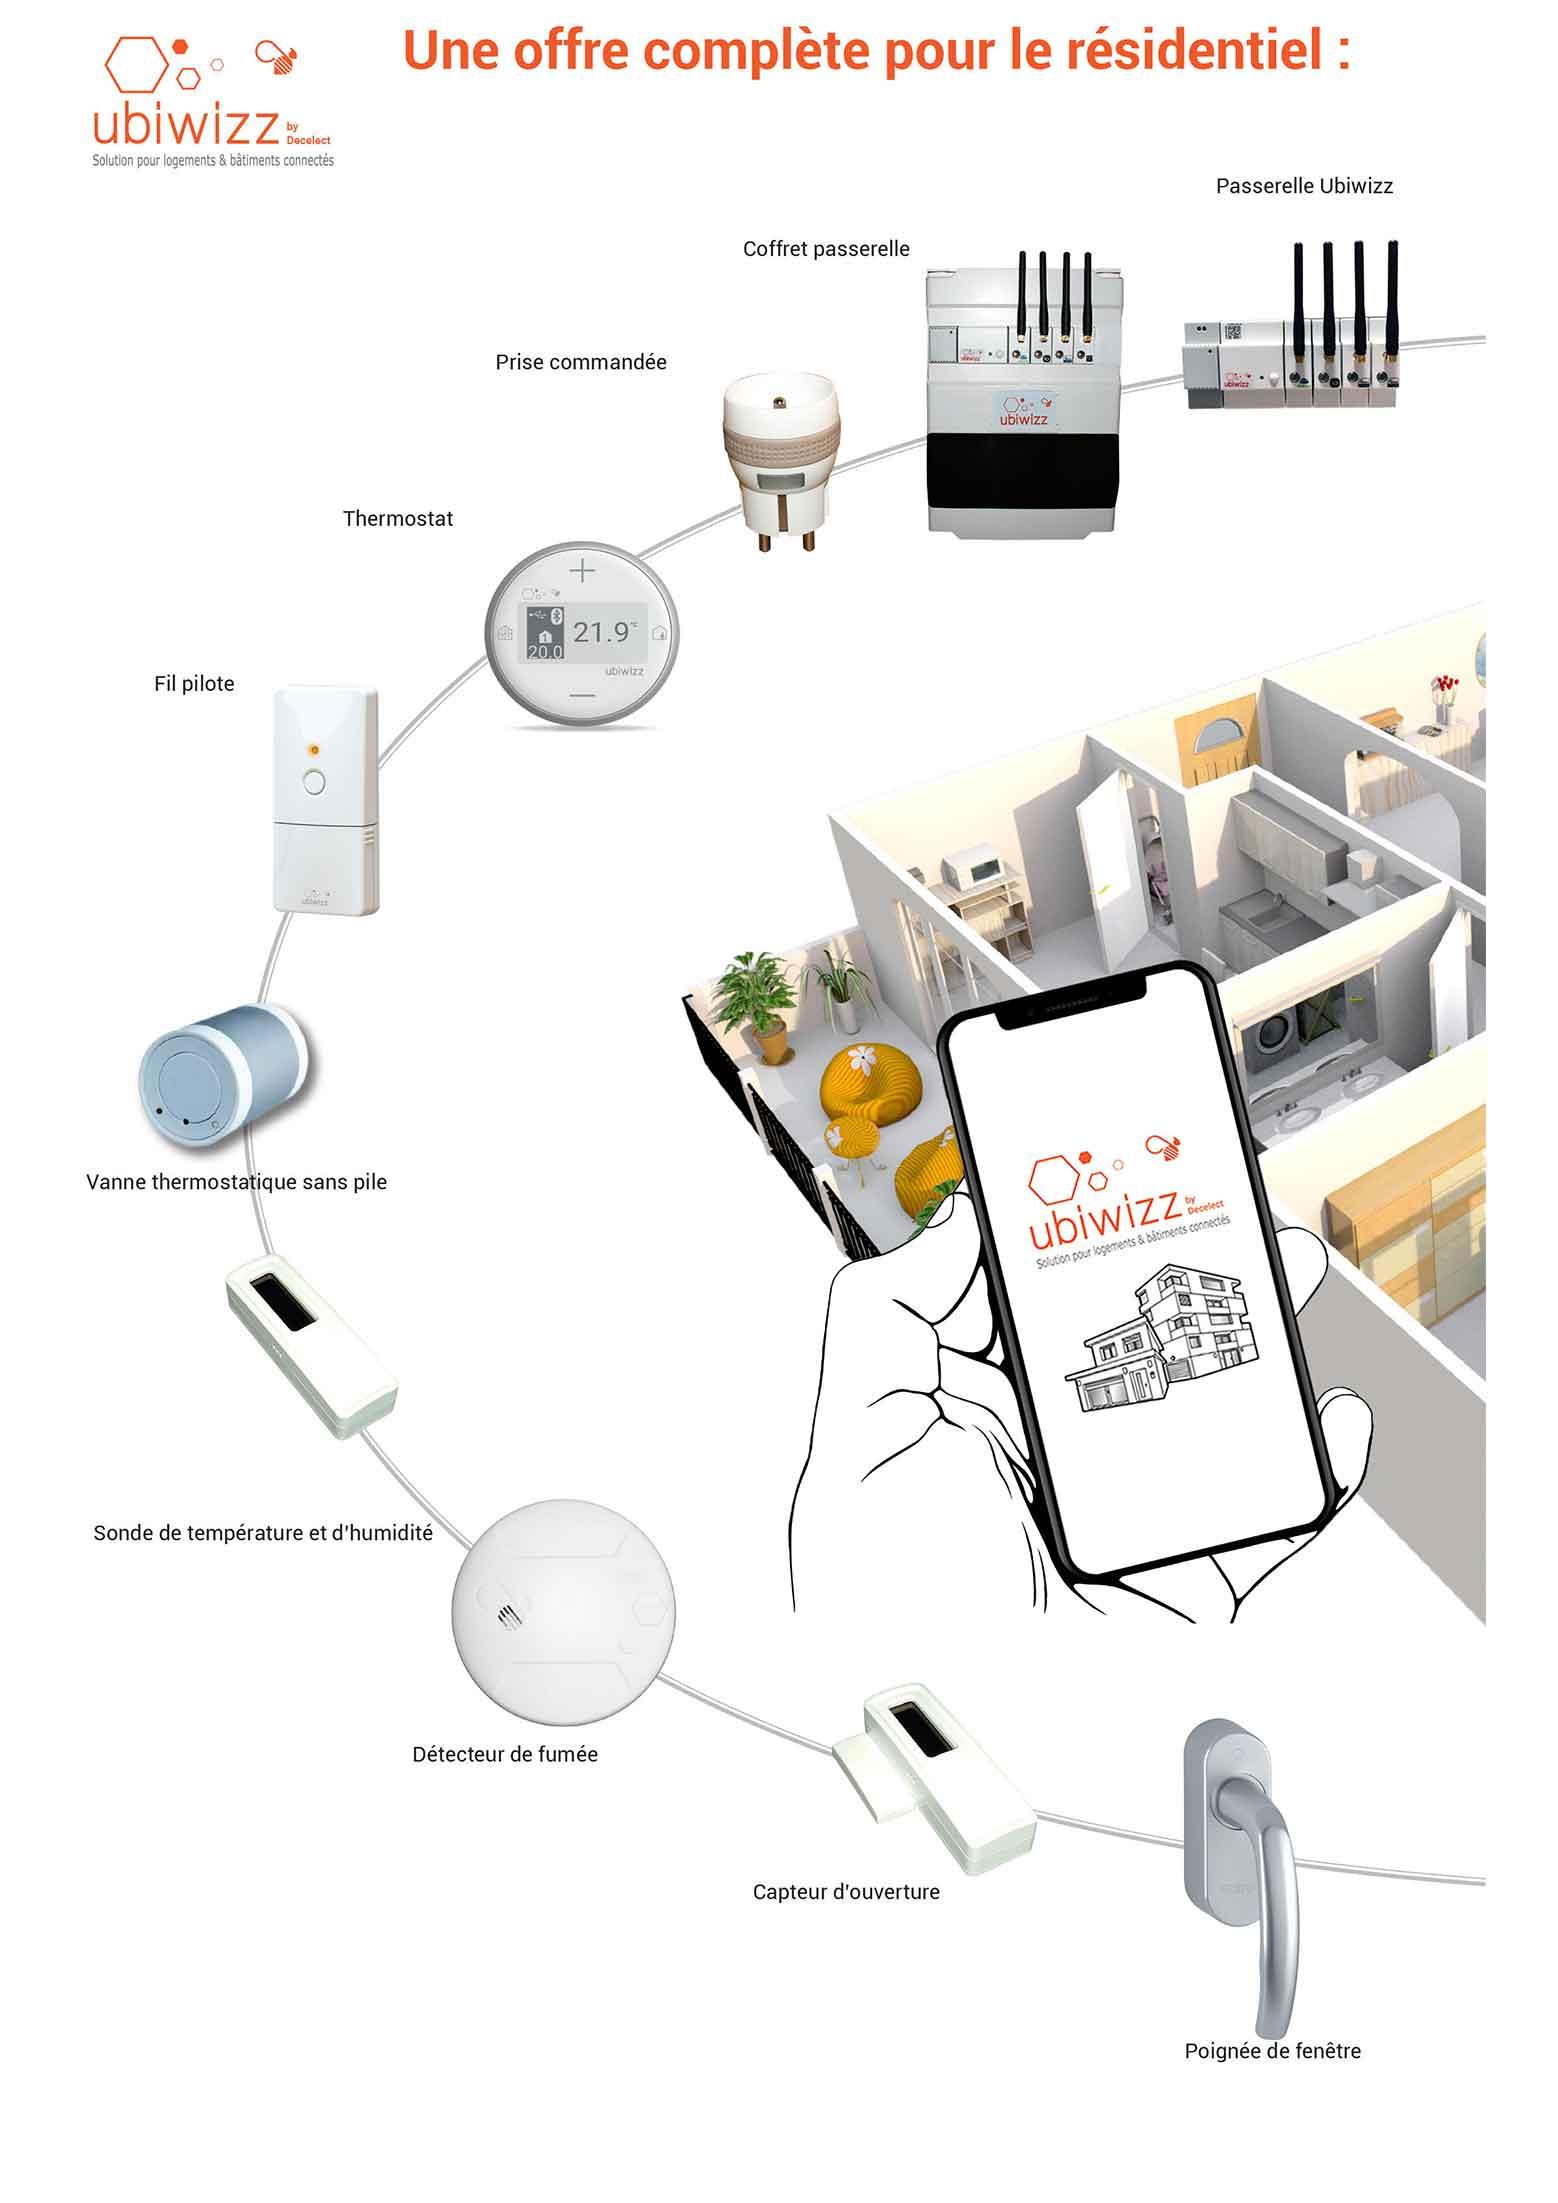 Une offre complète pour le résidentiel, Ubiwizz